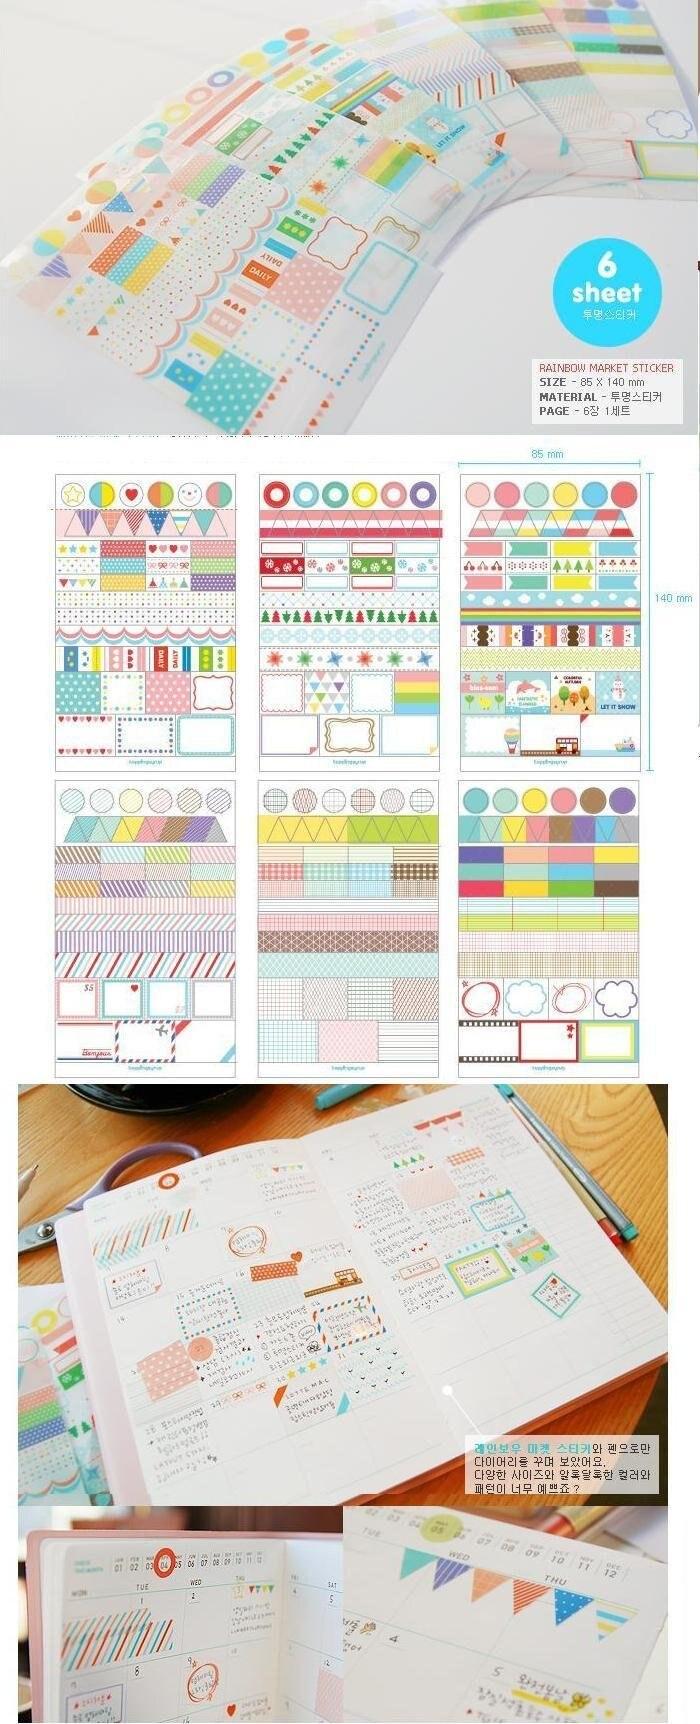 10 pacotes lote arco-íris diário adesivos multifunction